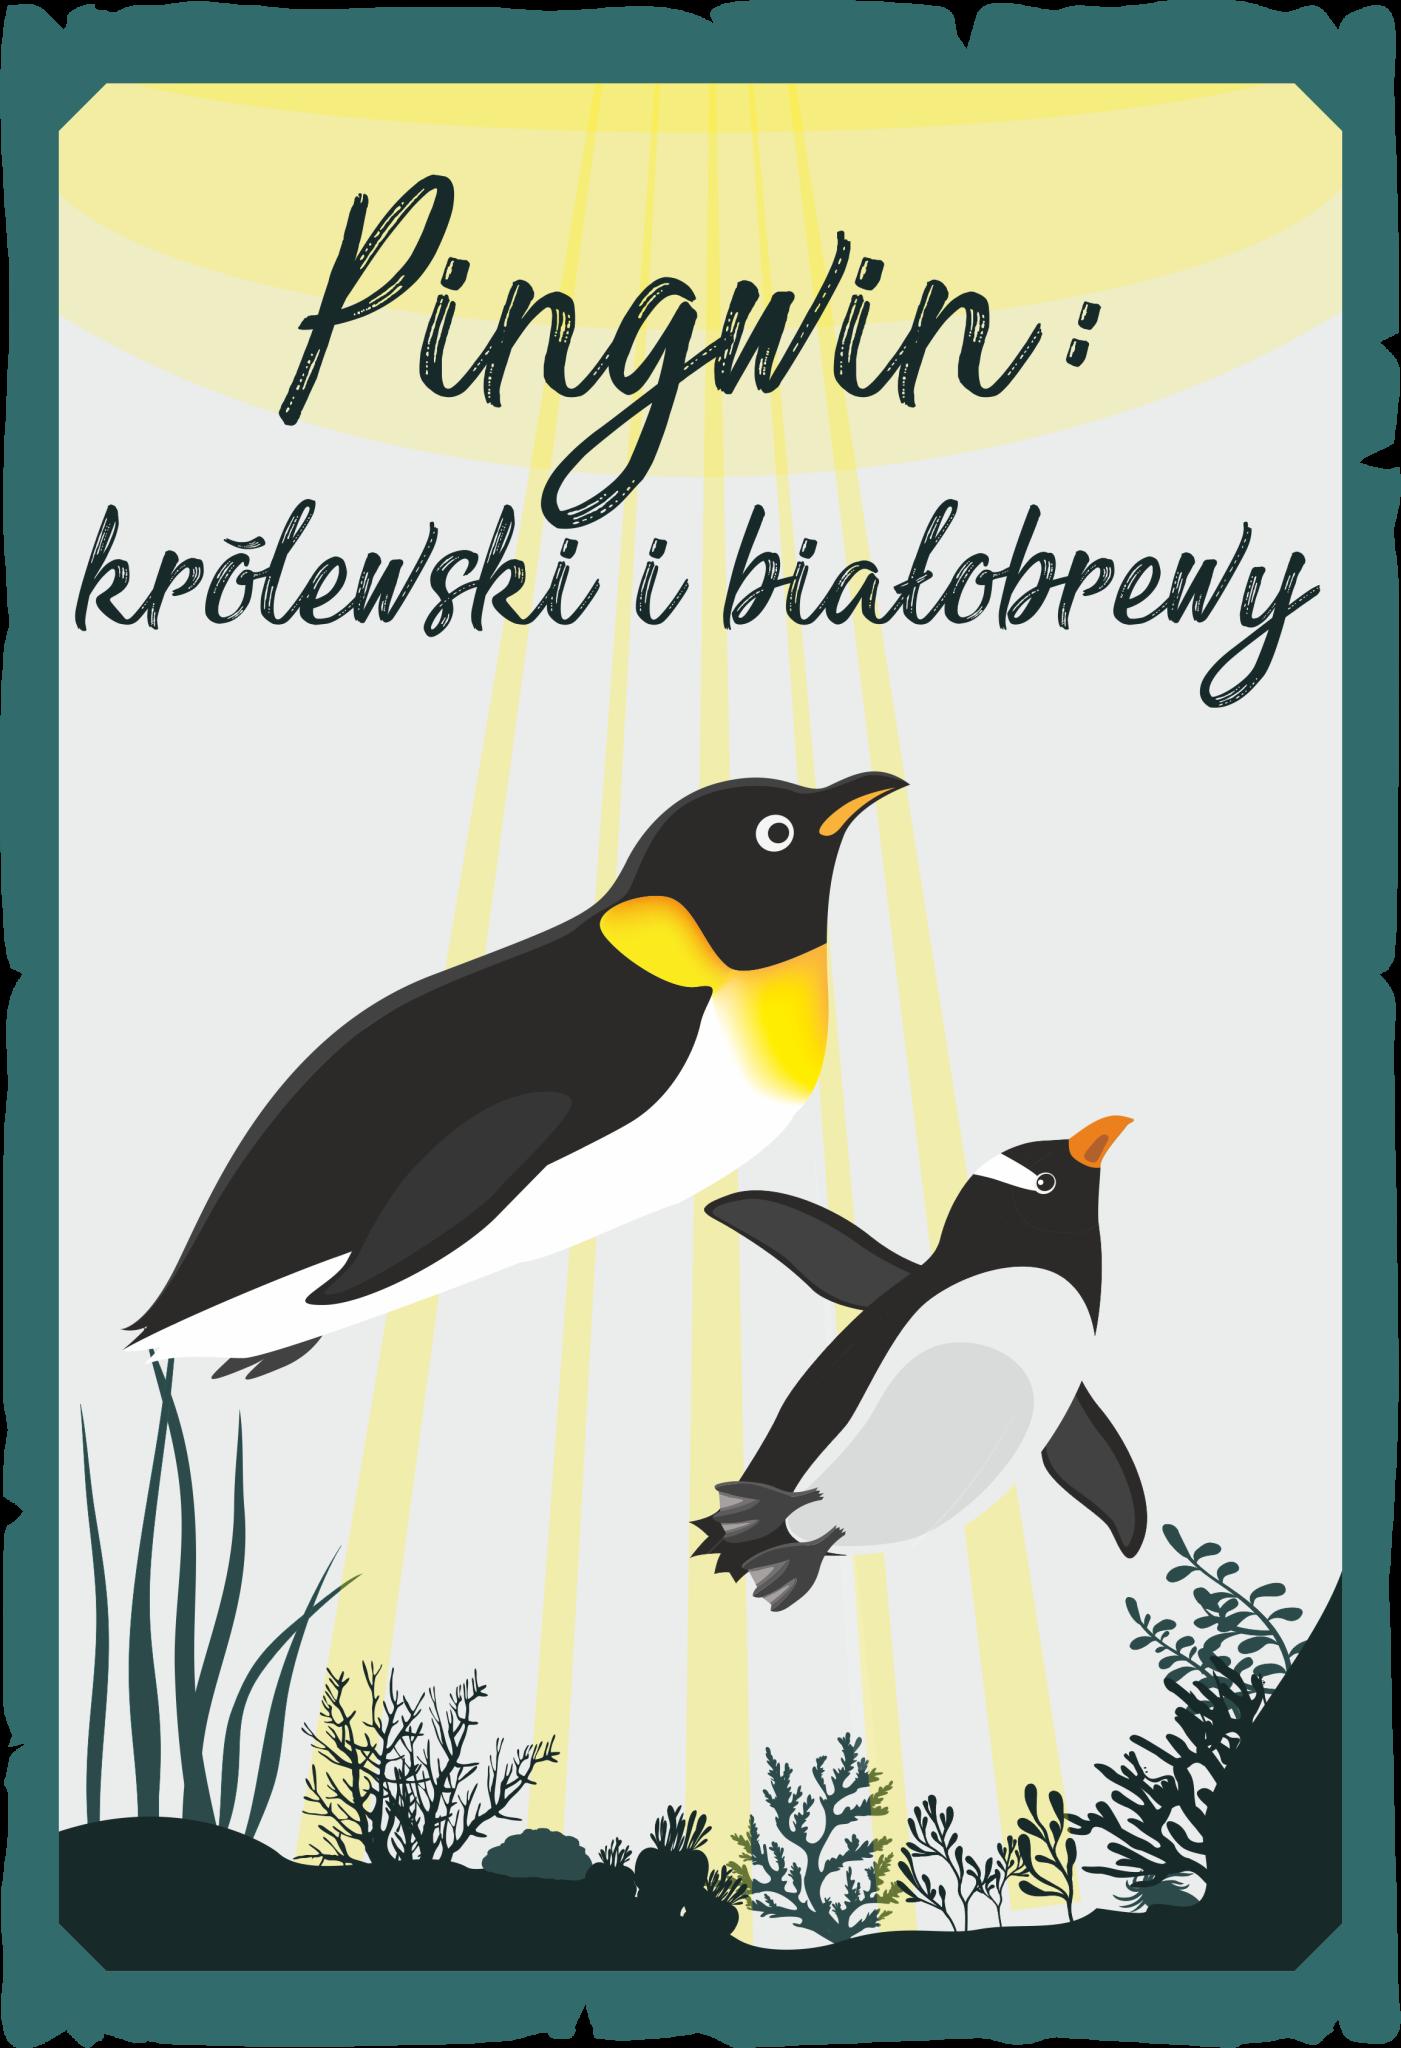 Pingwin królewski i białobrewy